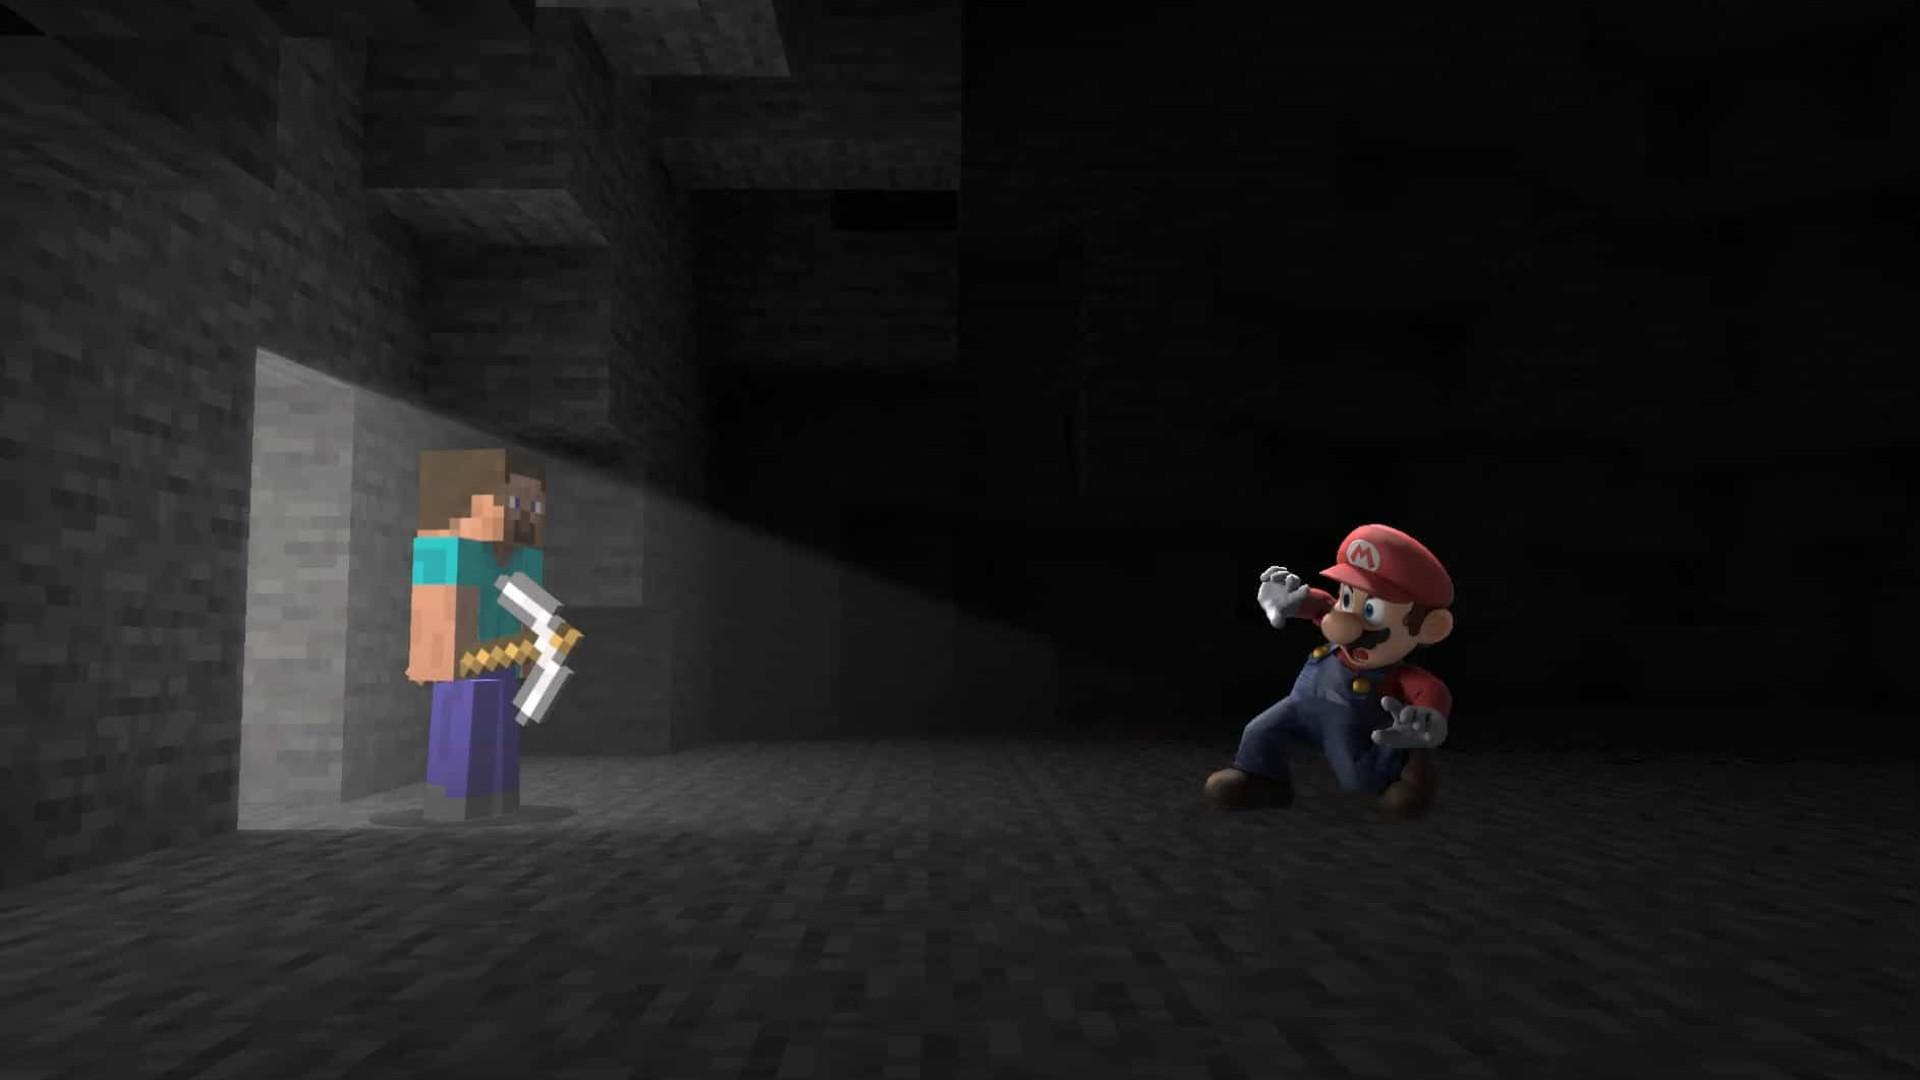 Protagonista de 'Minecraft' a caminho de 'Super Smash Bros. Ultimate'